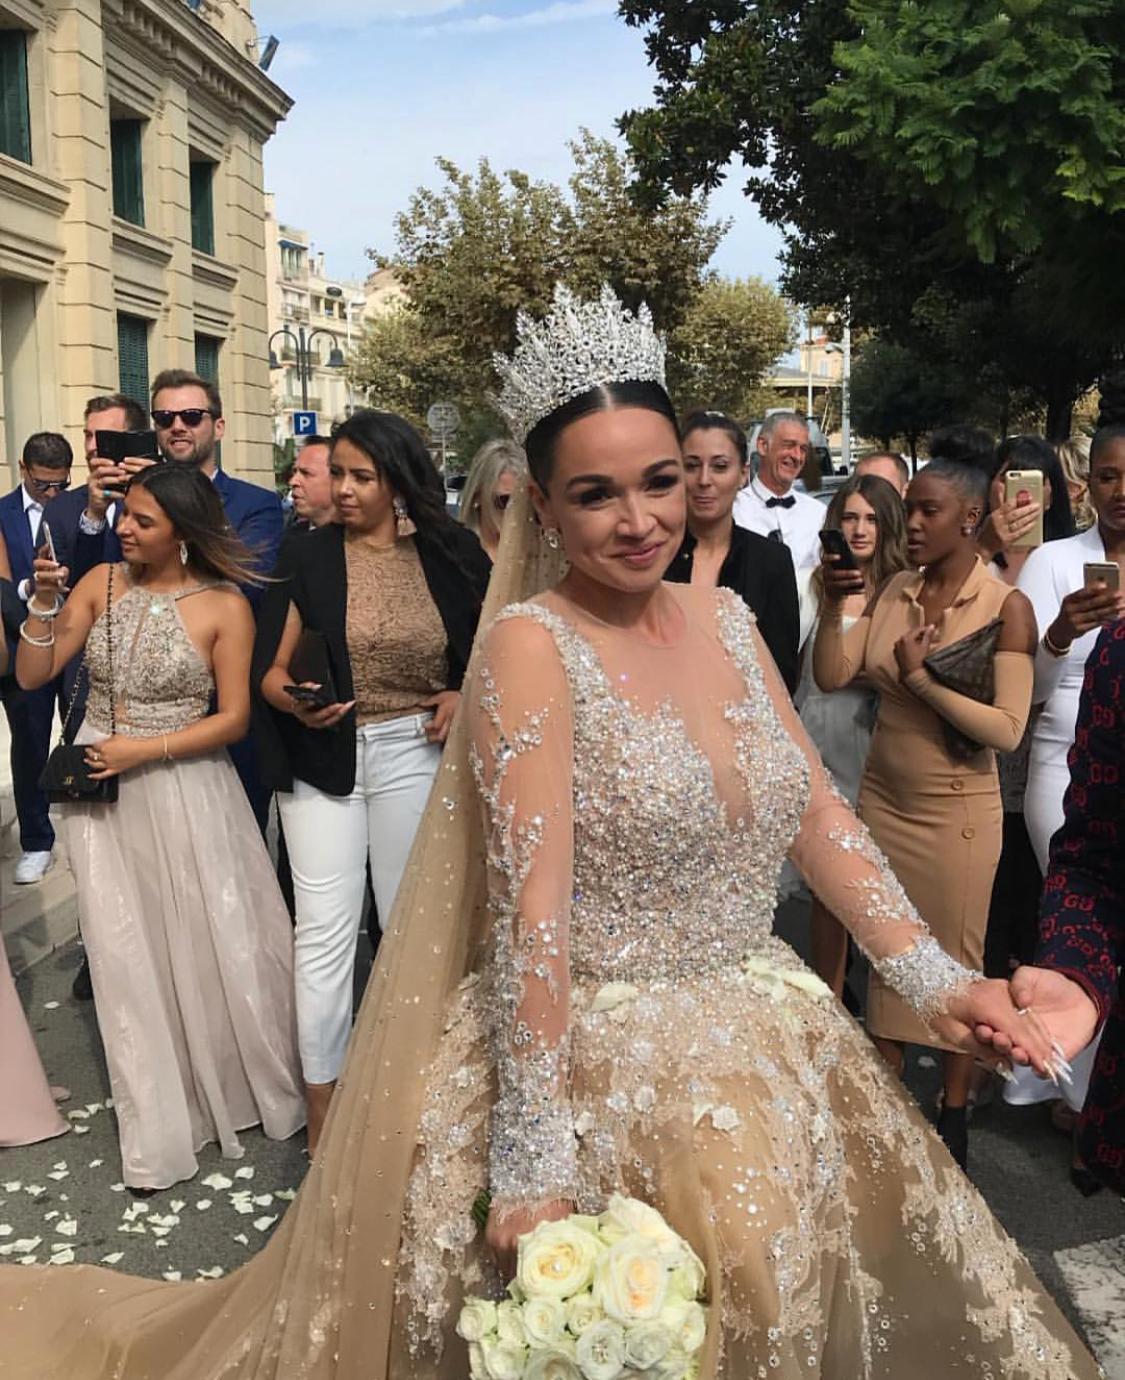 Jazz et Laurent se sont mariés ce week-end